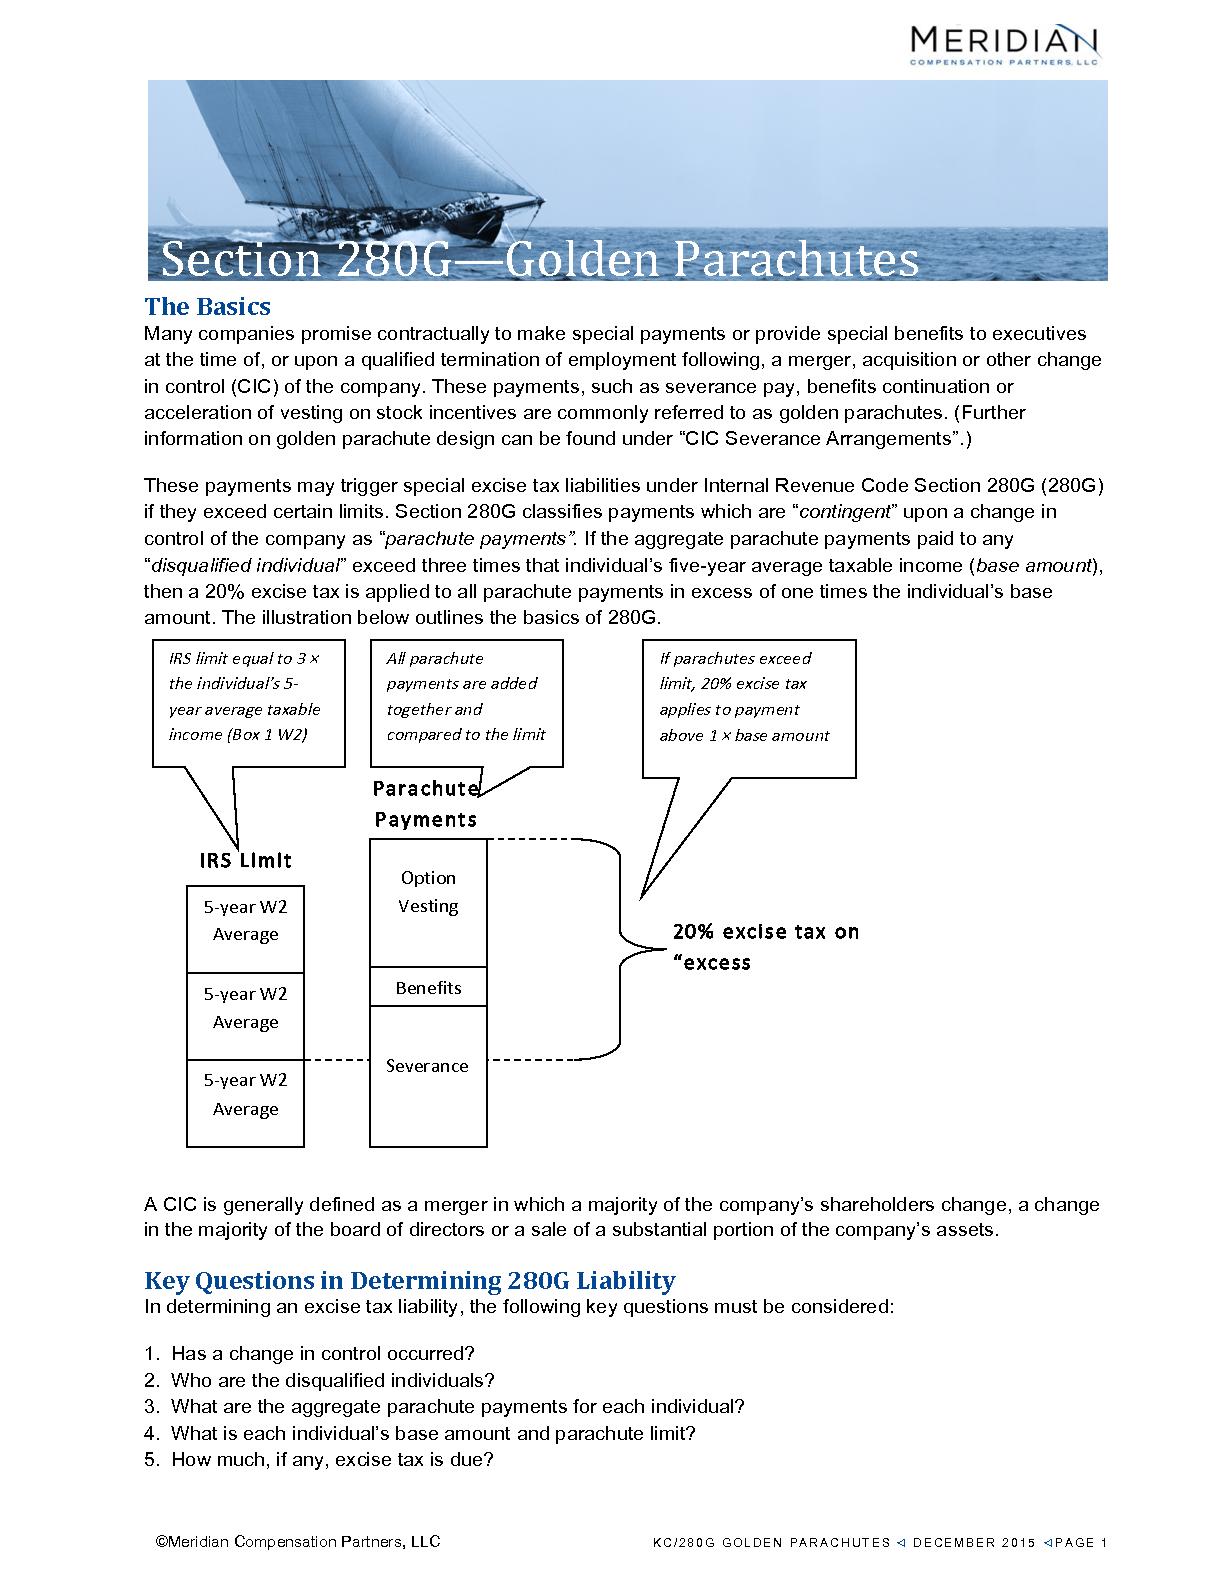 Section 280G—Golden Parachutes (PDF)